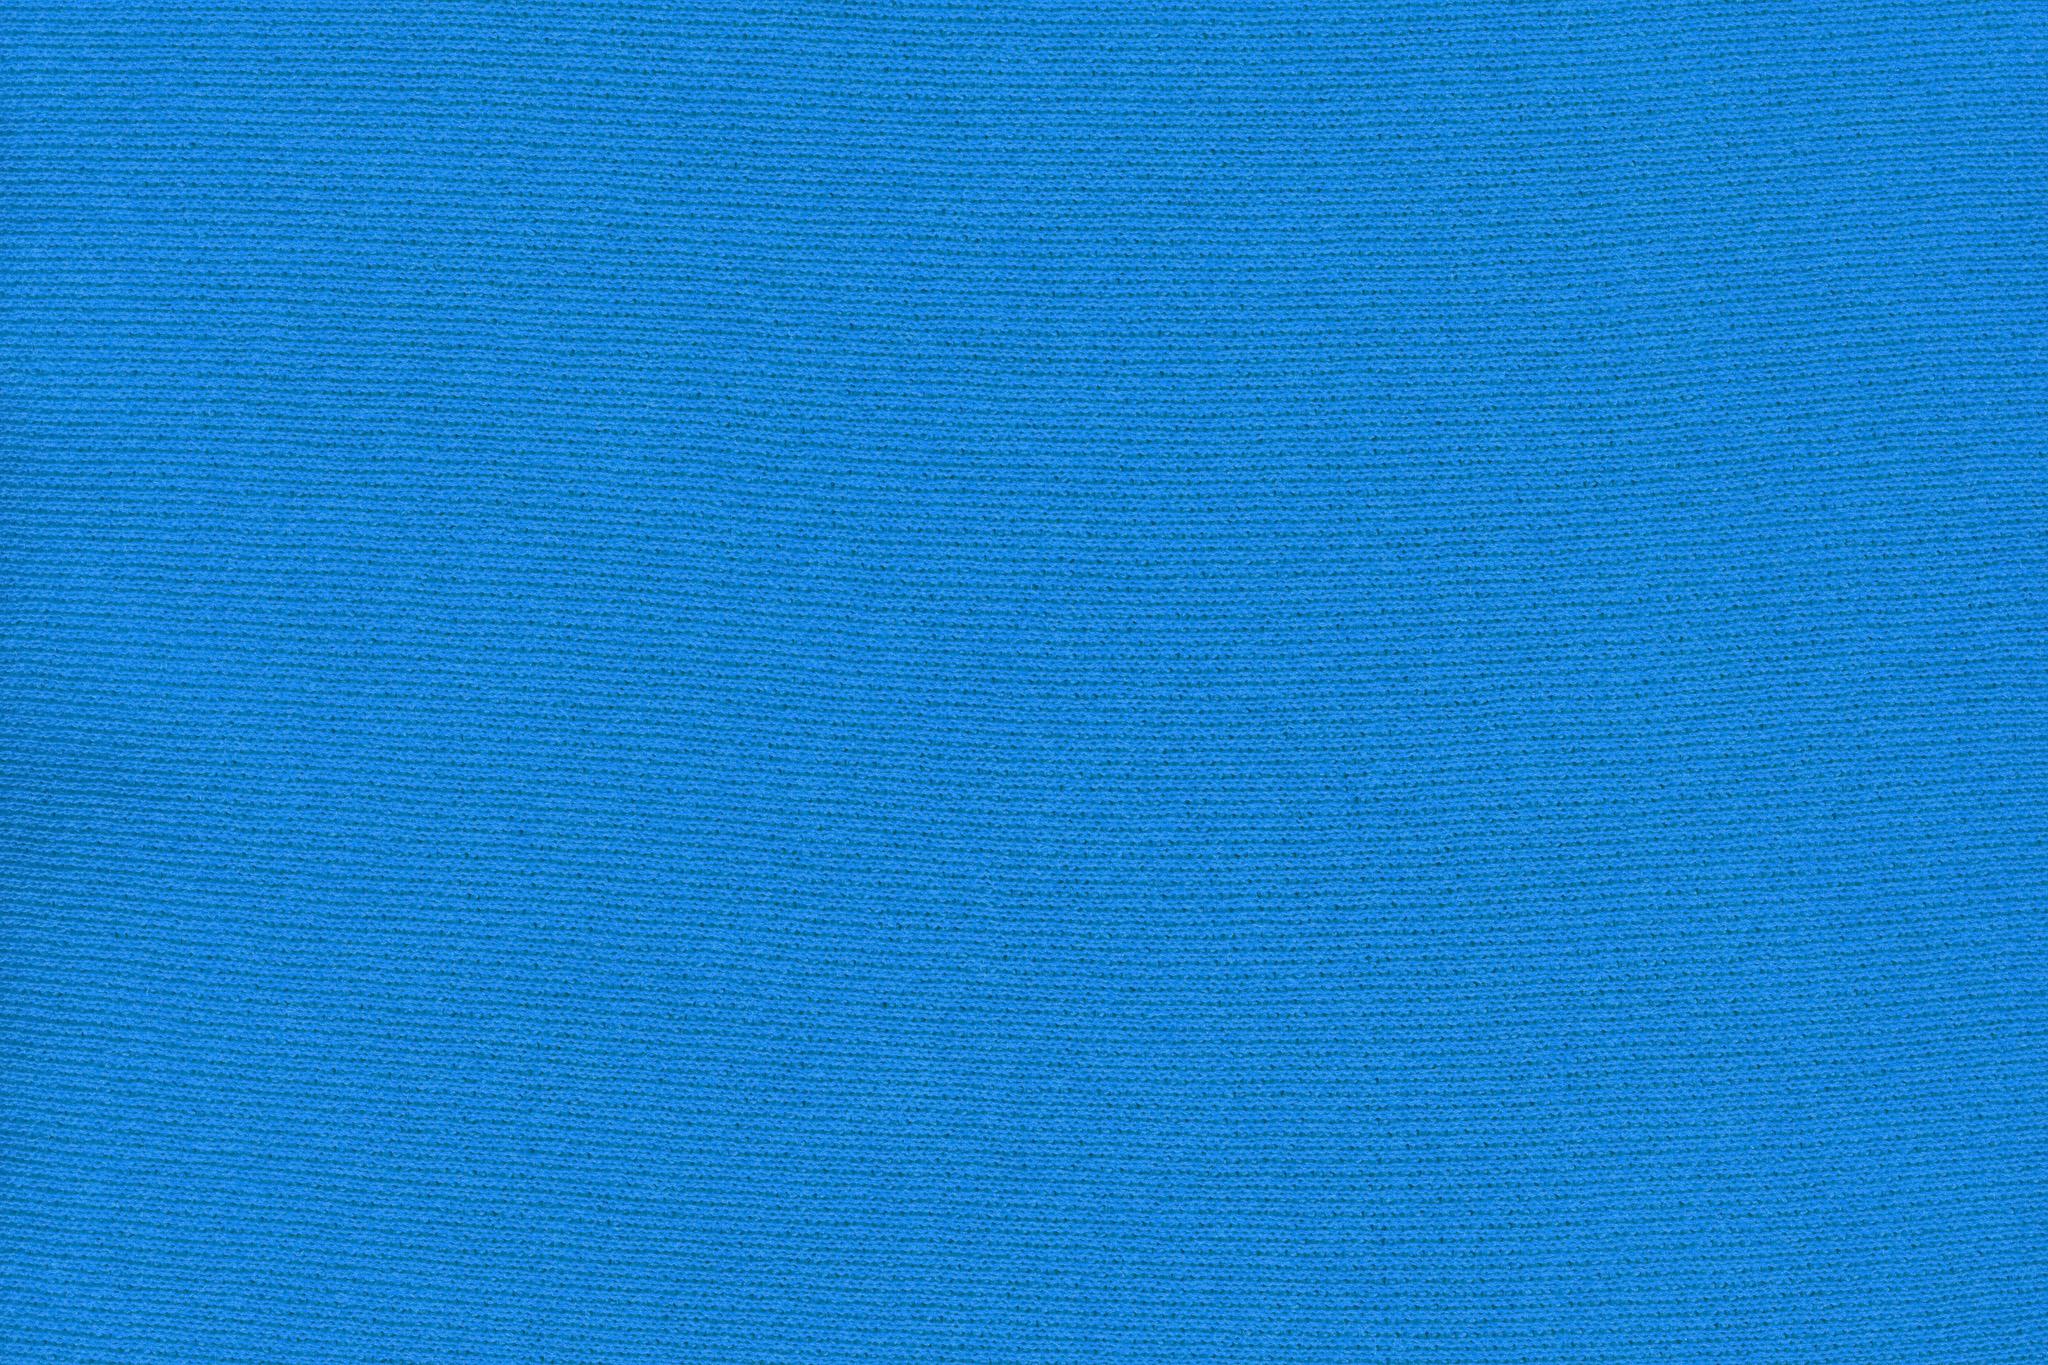 「鮮やかなブルーの綿のスウェット生地」